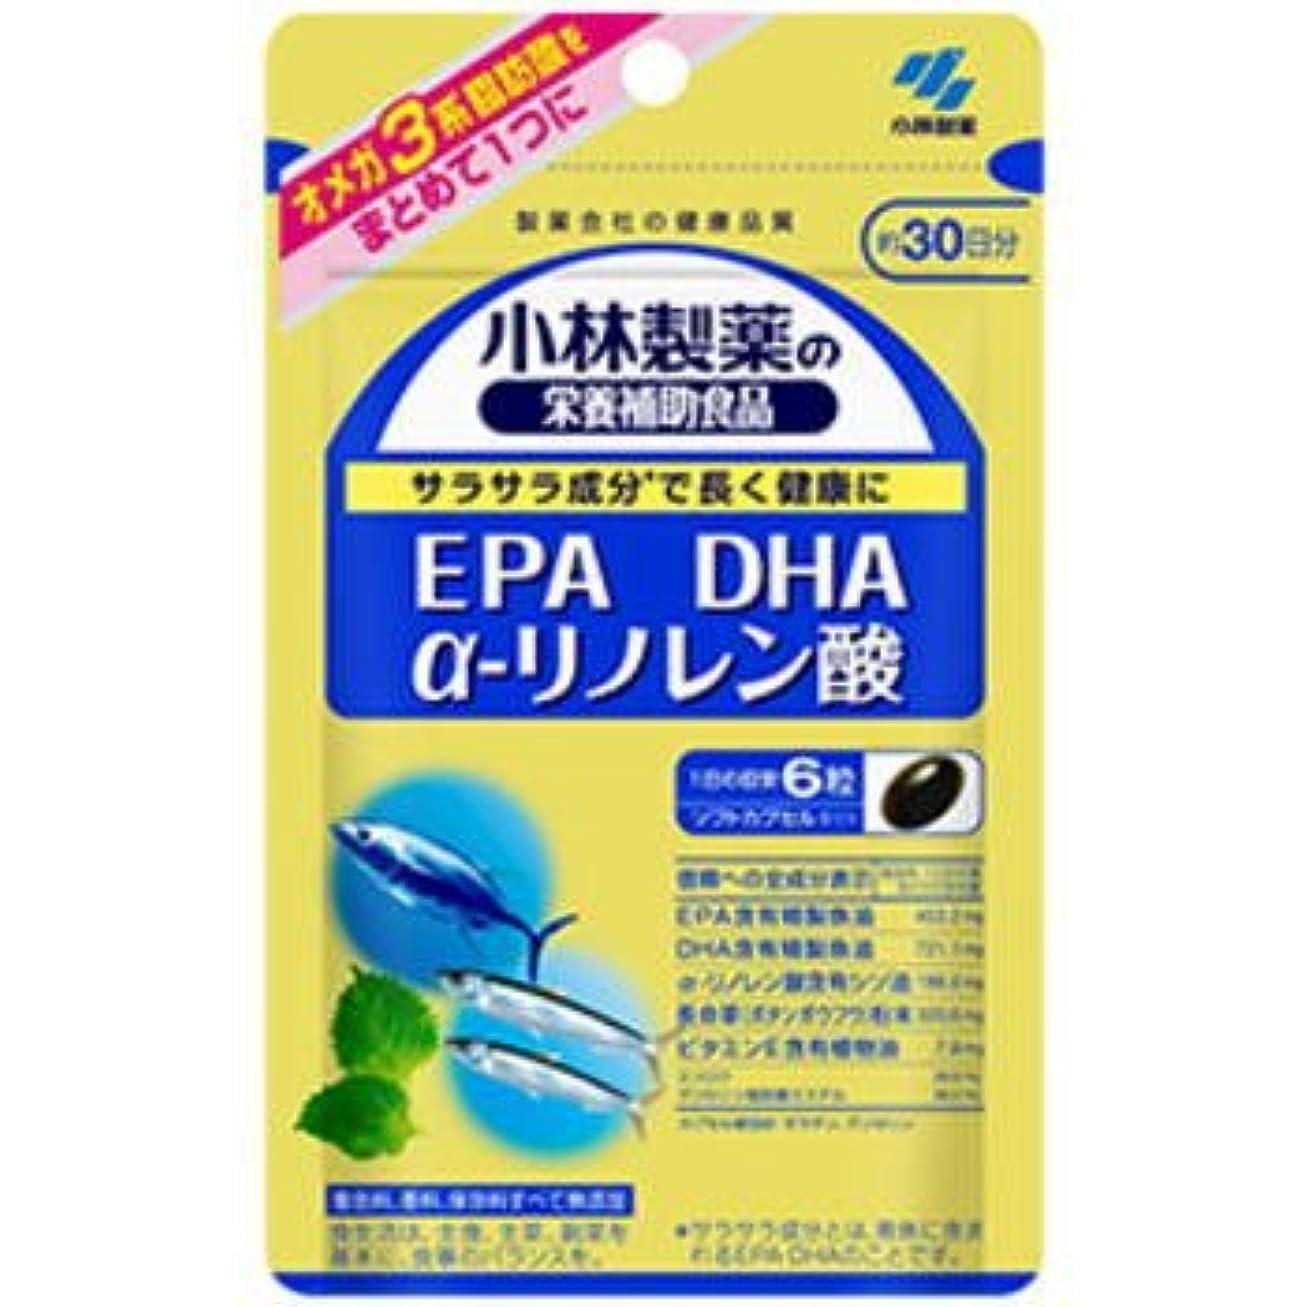 模倣アラビア語回転させる小林製薬 EPA DHA α-リノレン酸 180粒【ネコポス発送】